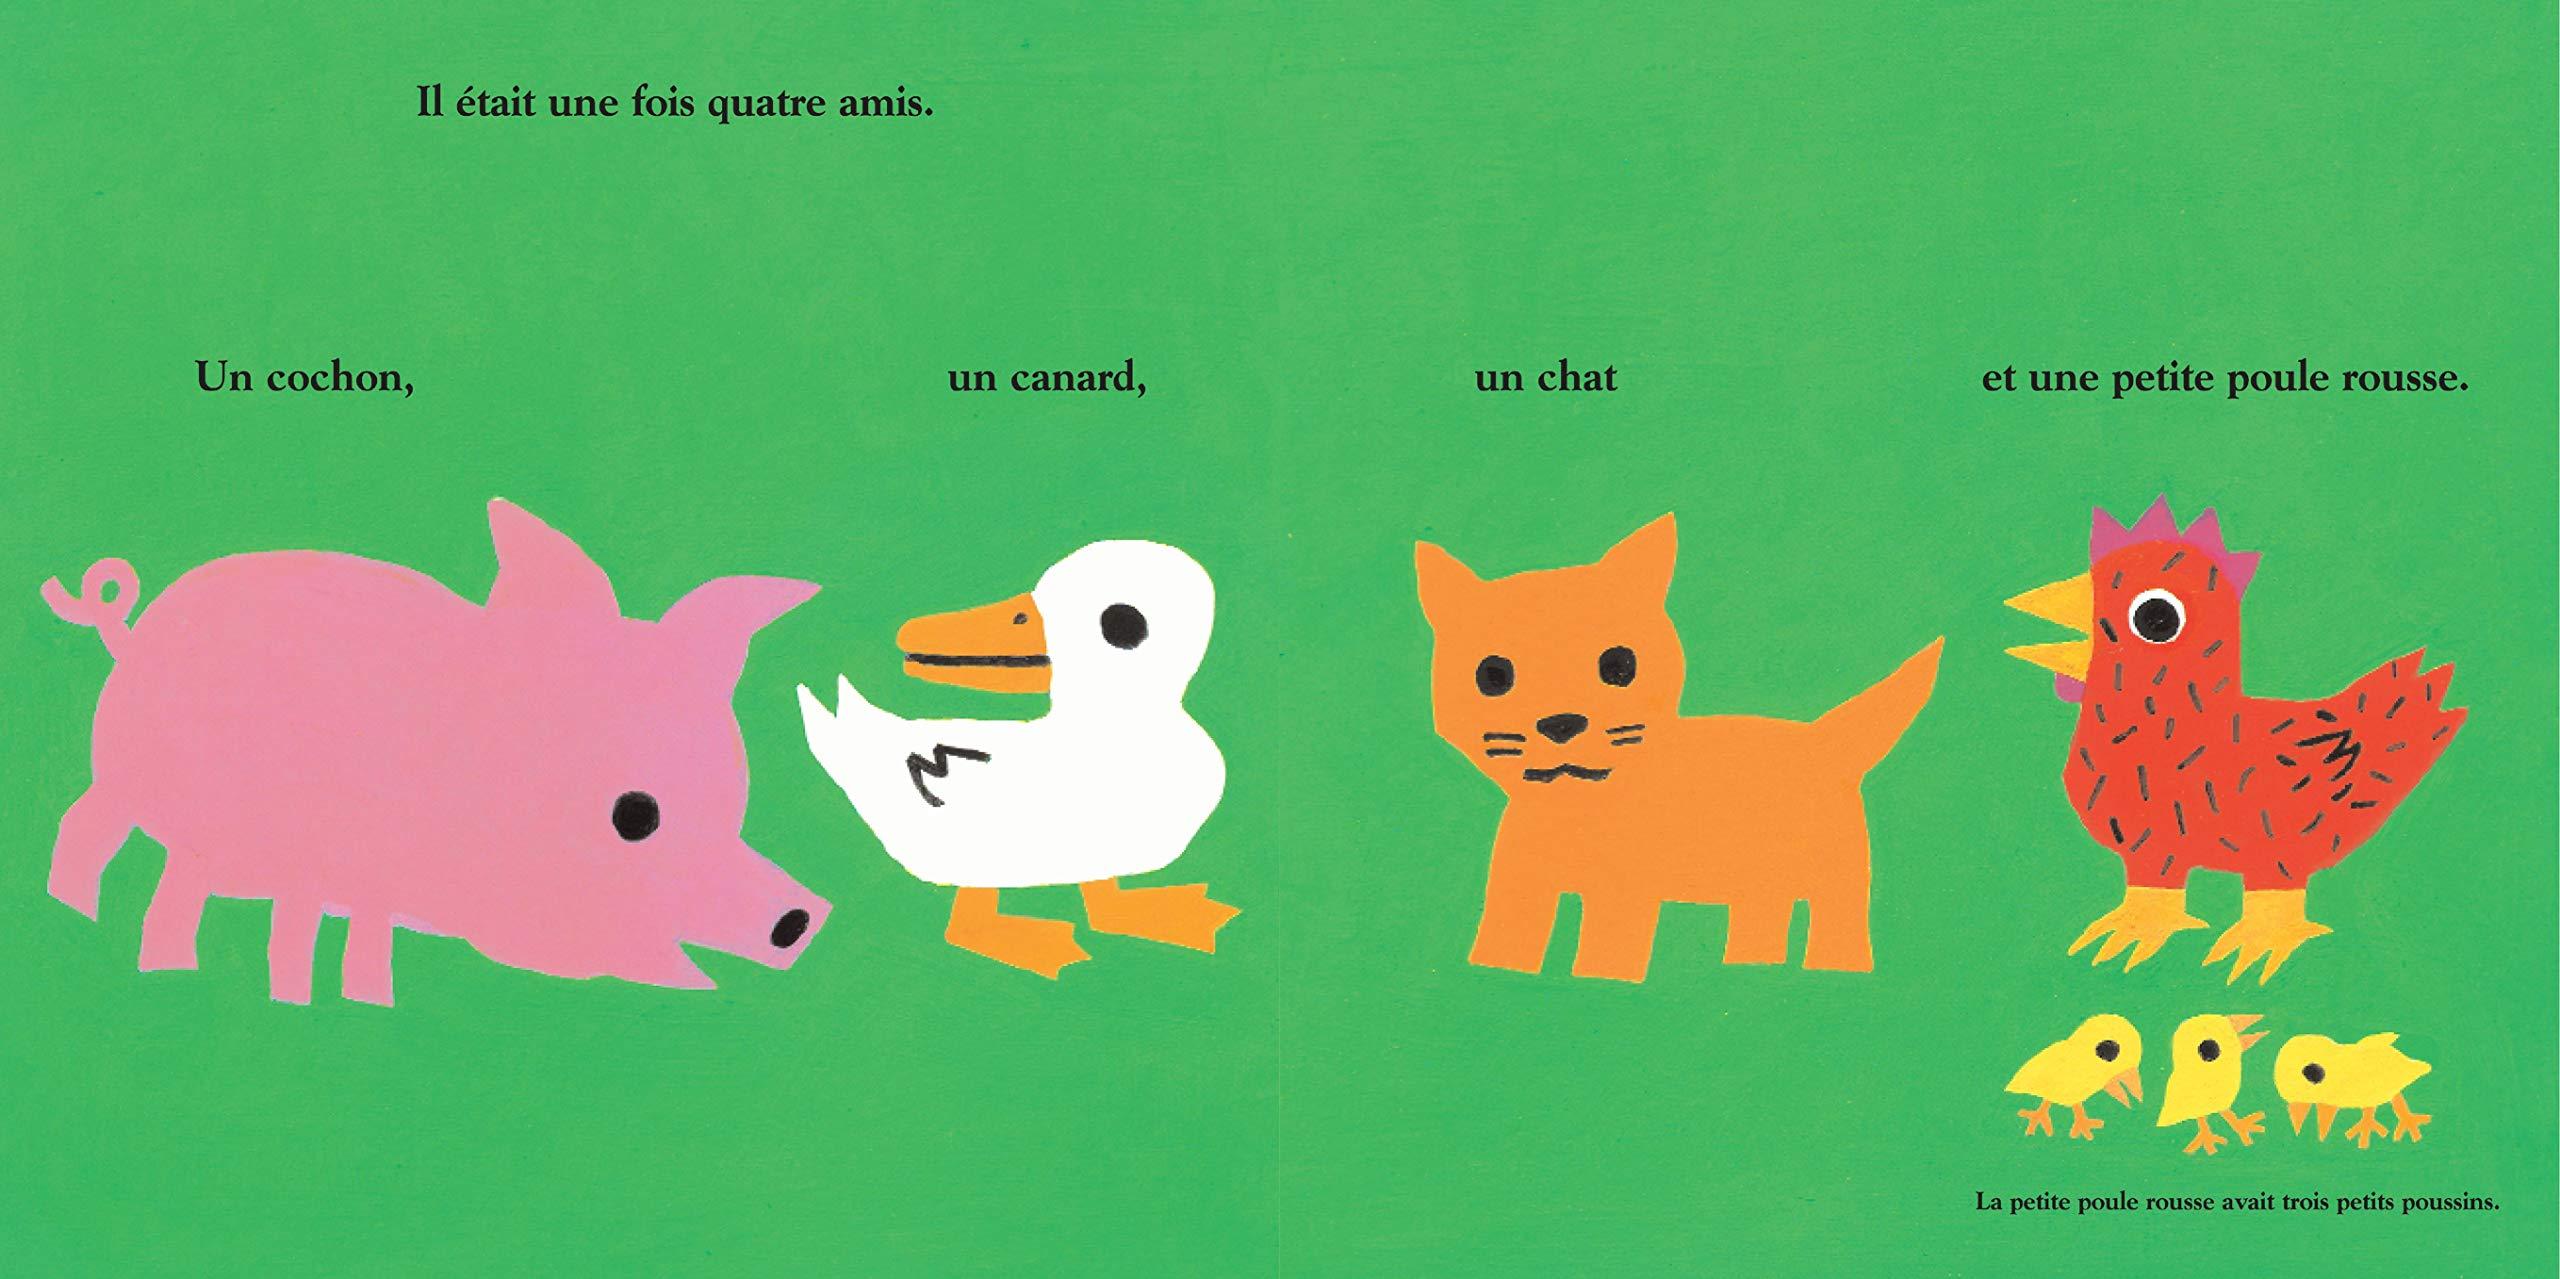 """Résultat de recherche d'images pour """"petite poule rousse ecole des loisirs"""""""